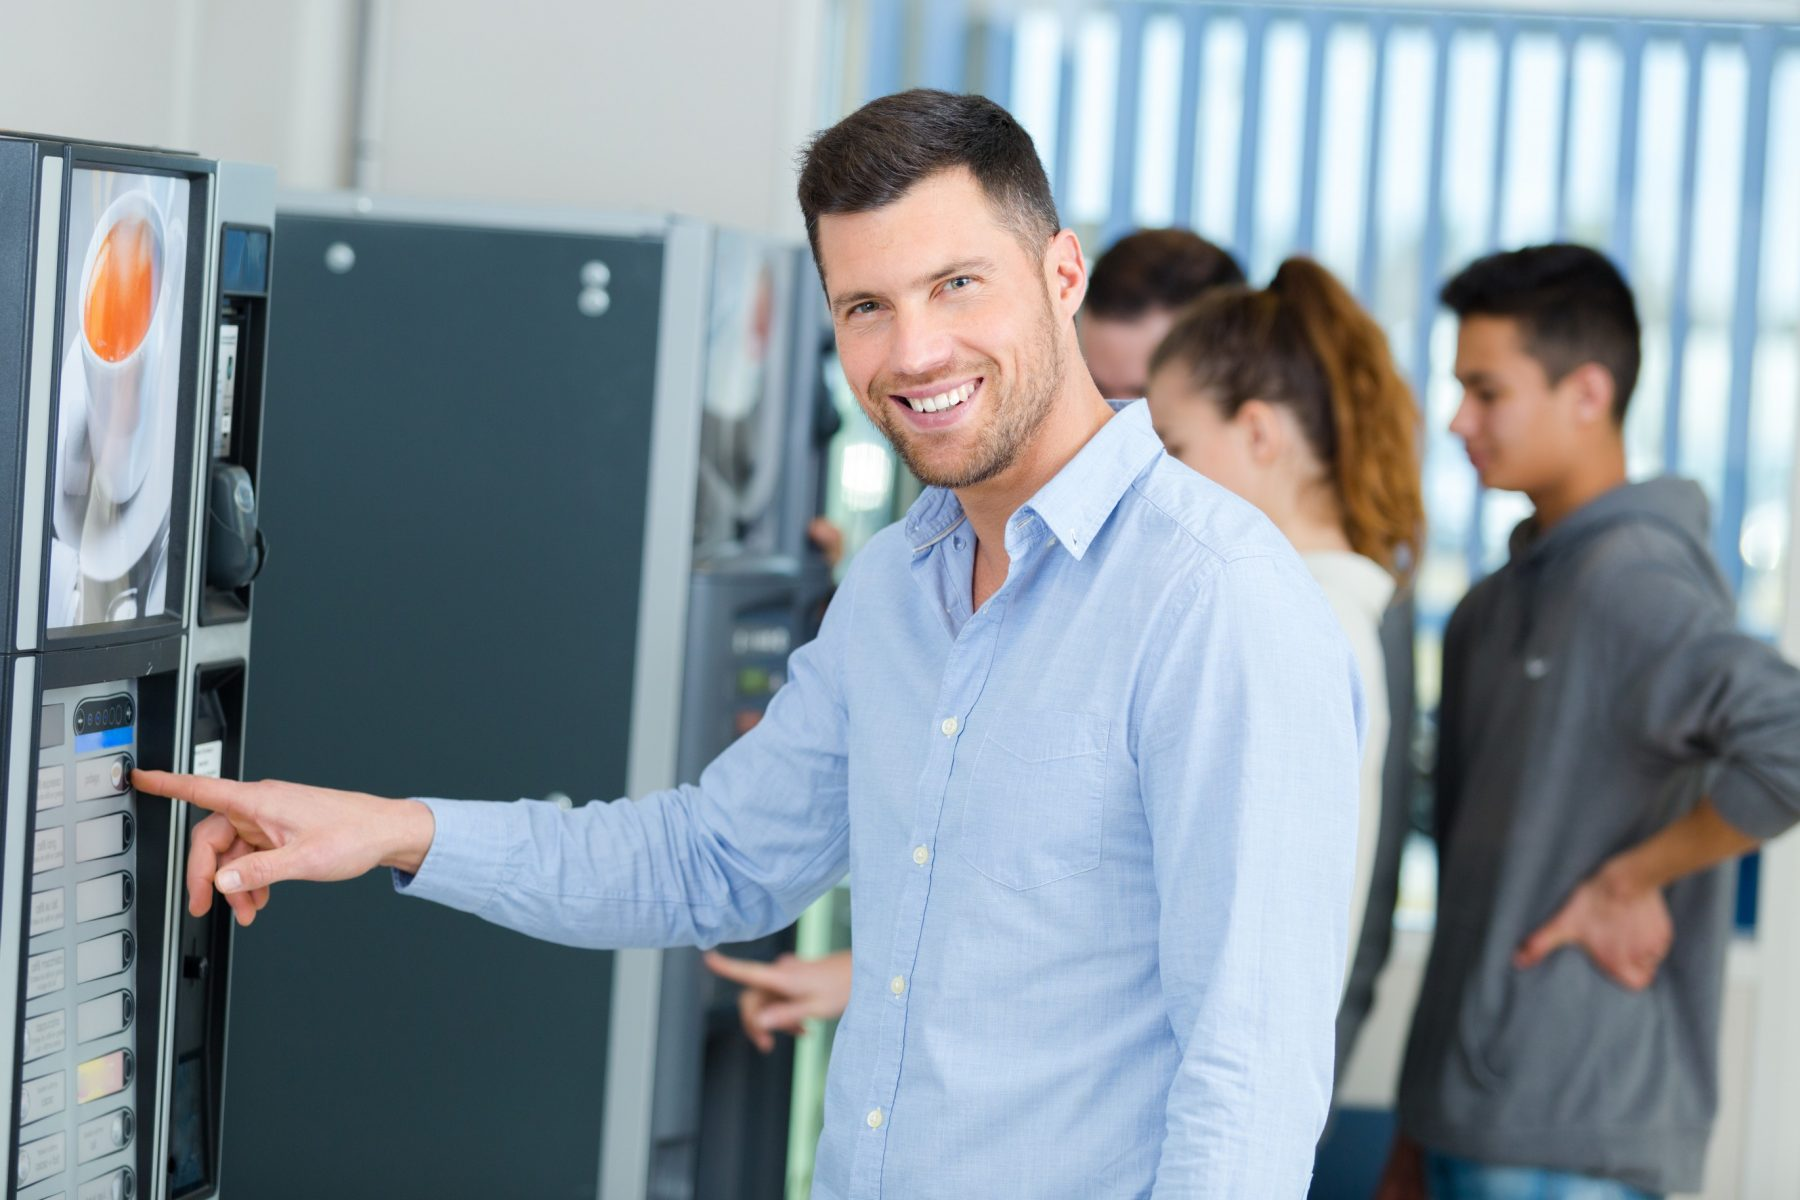 vending technology in houston break rooms